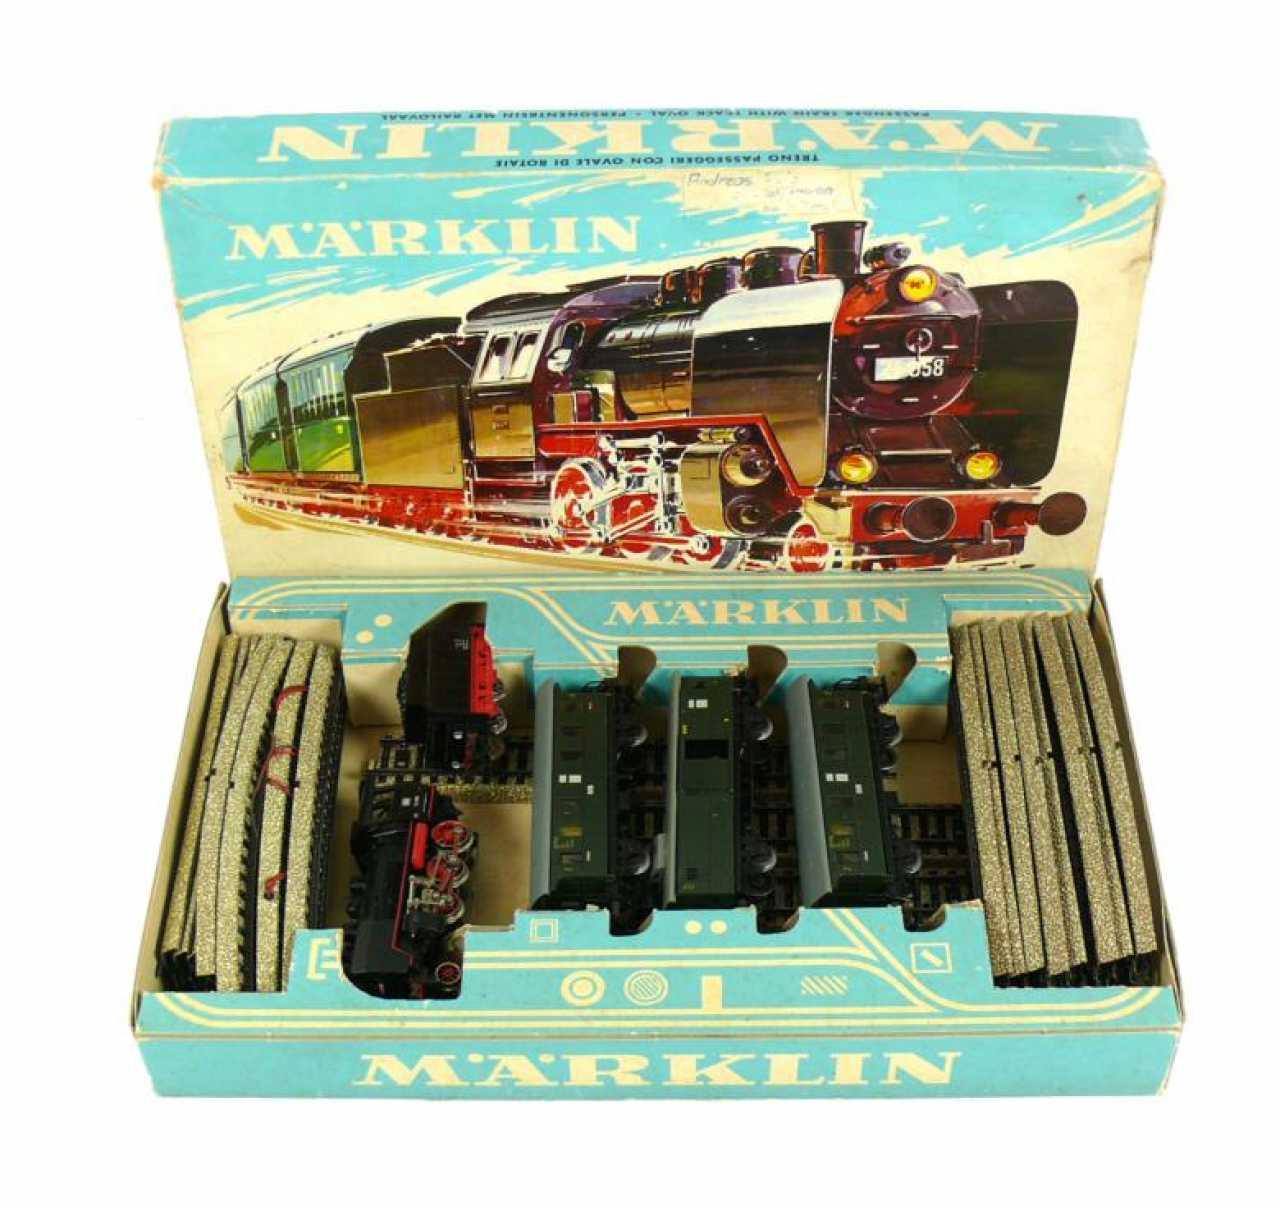 MARKLIN 3103 (1)